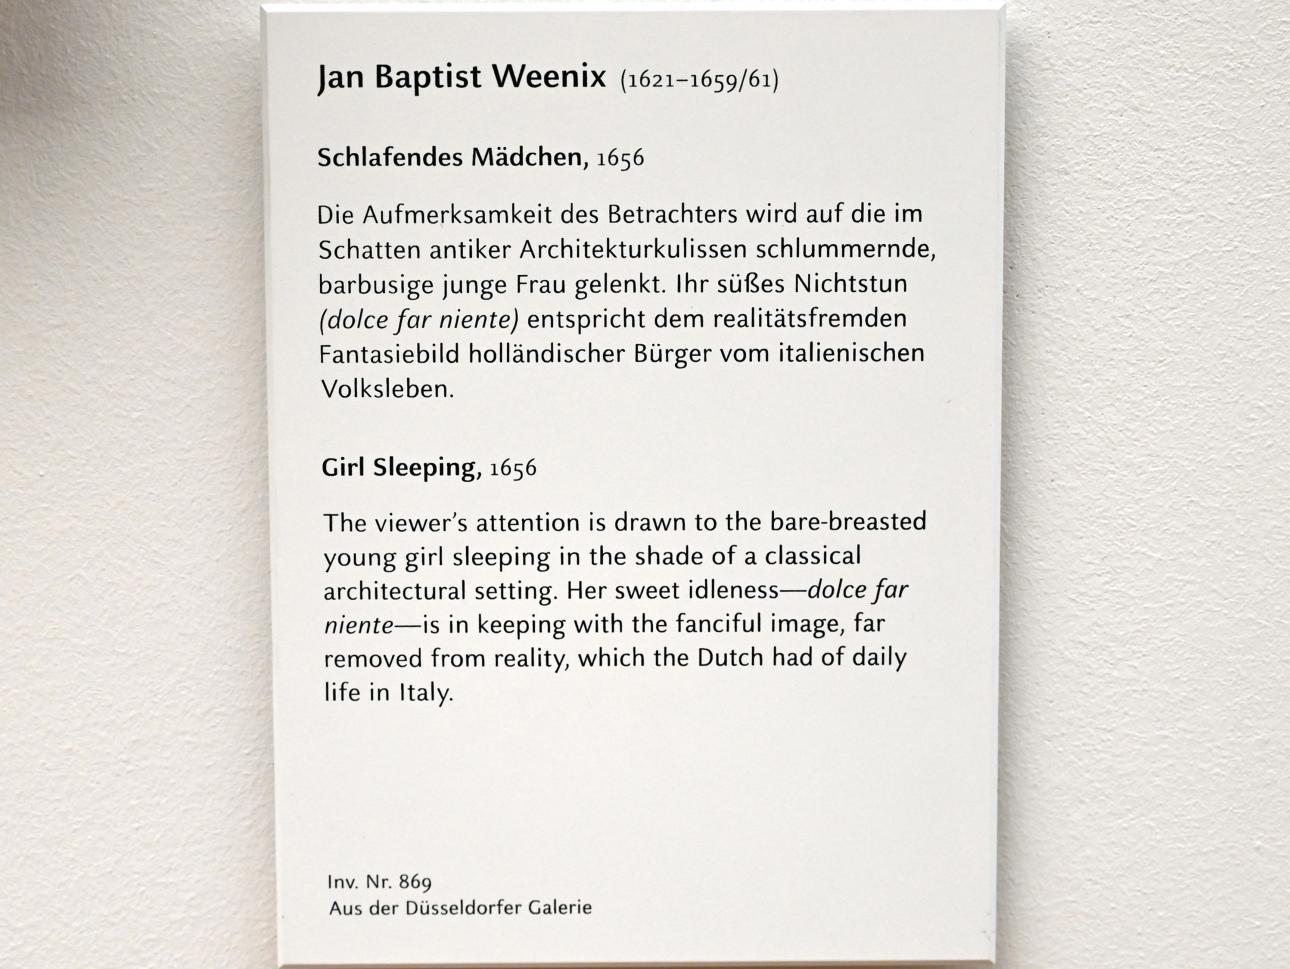 Jan Baptist Weenix: Schlafendes Mädchen, 1656